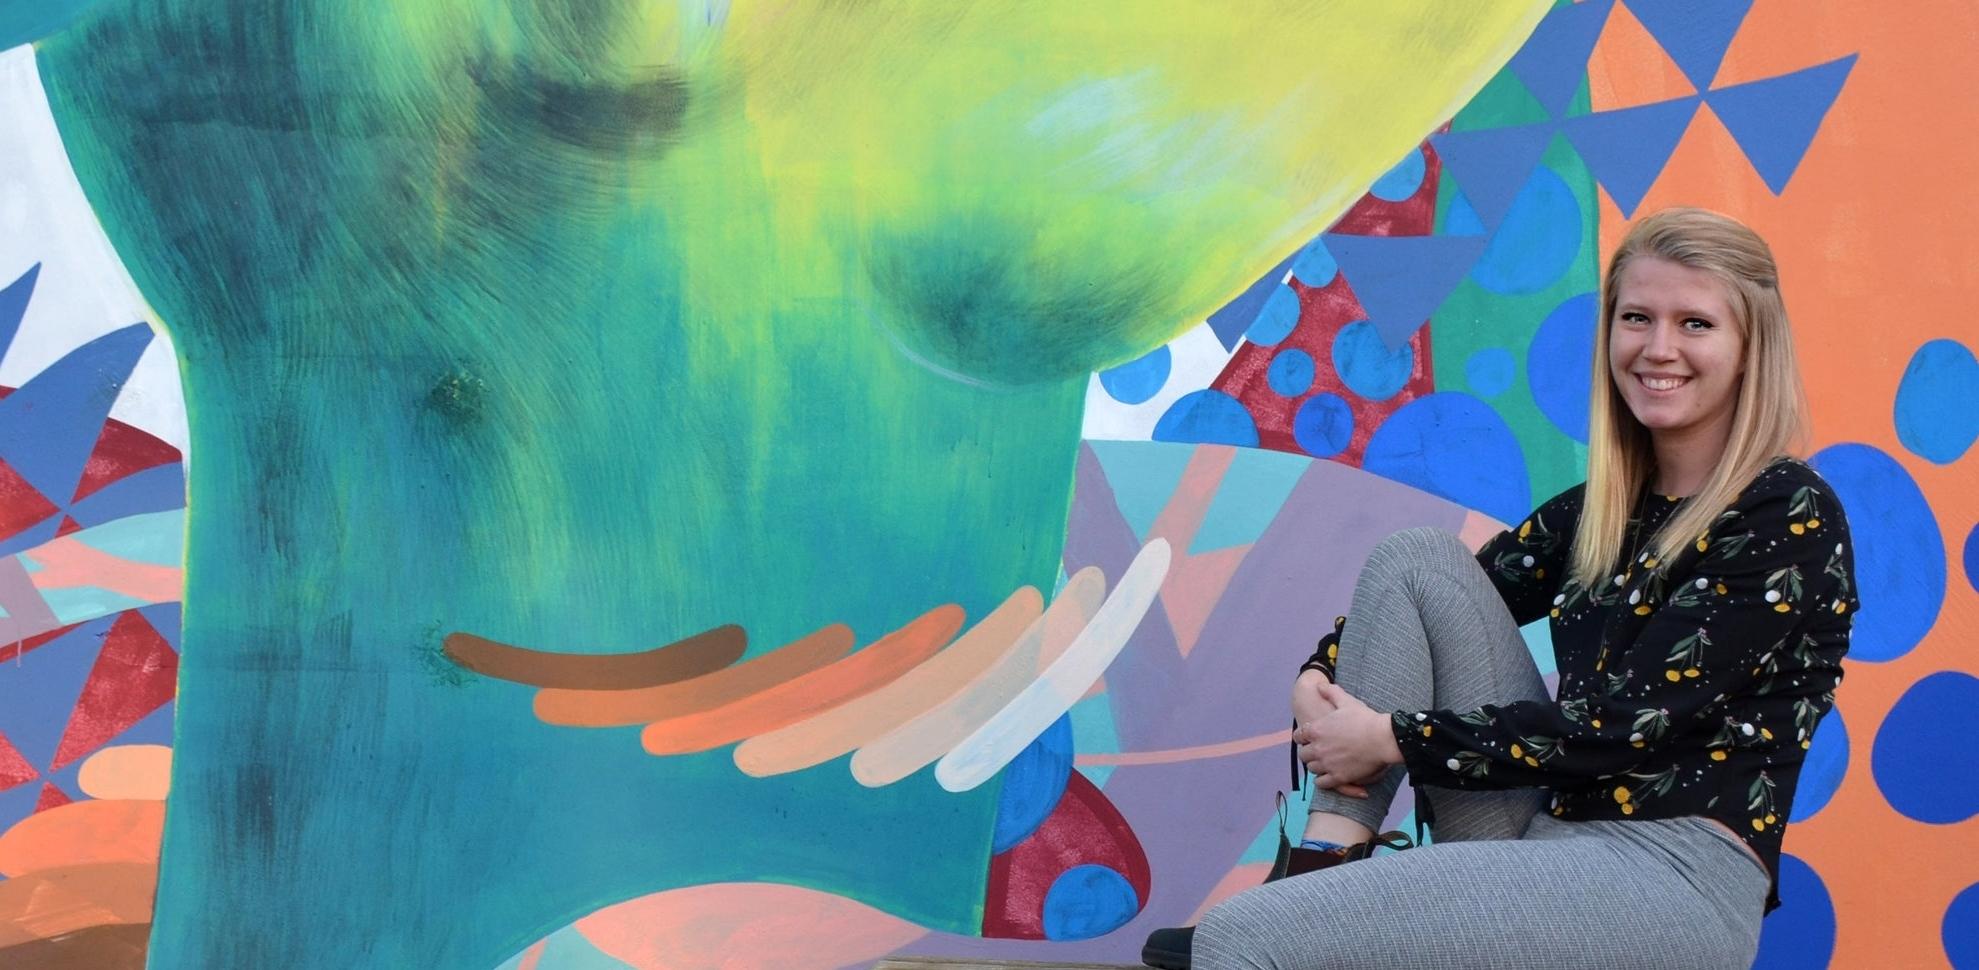 Mural_Me2.jpg